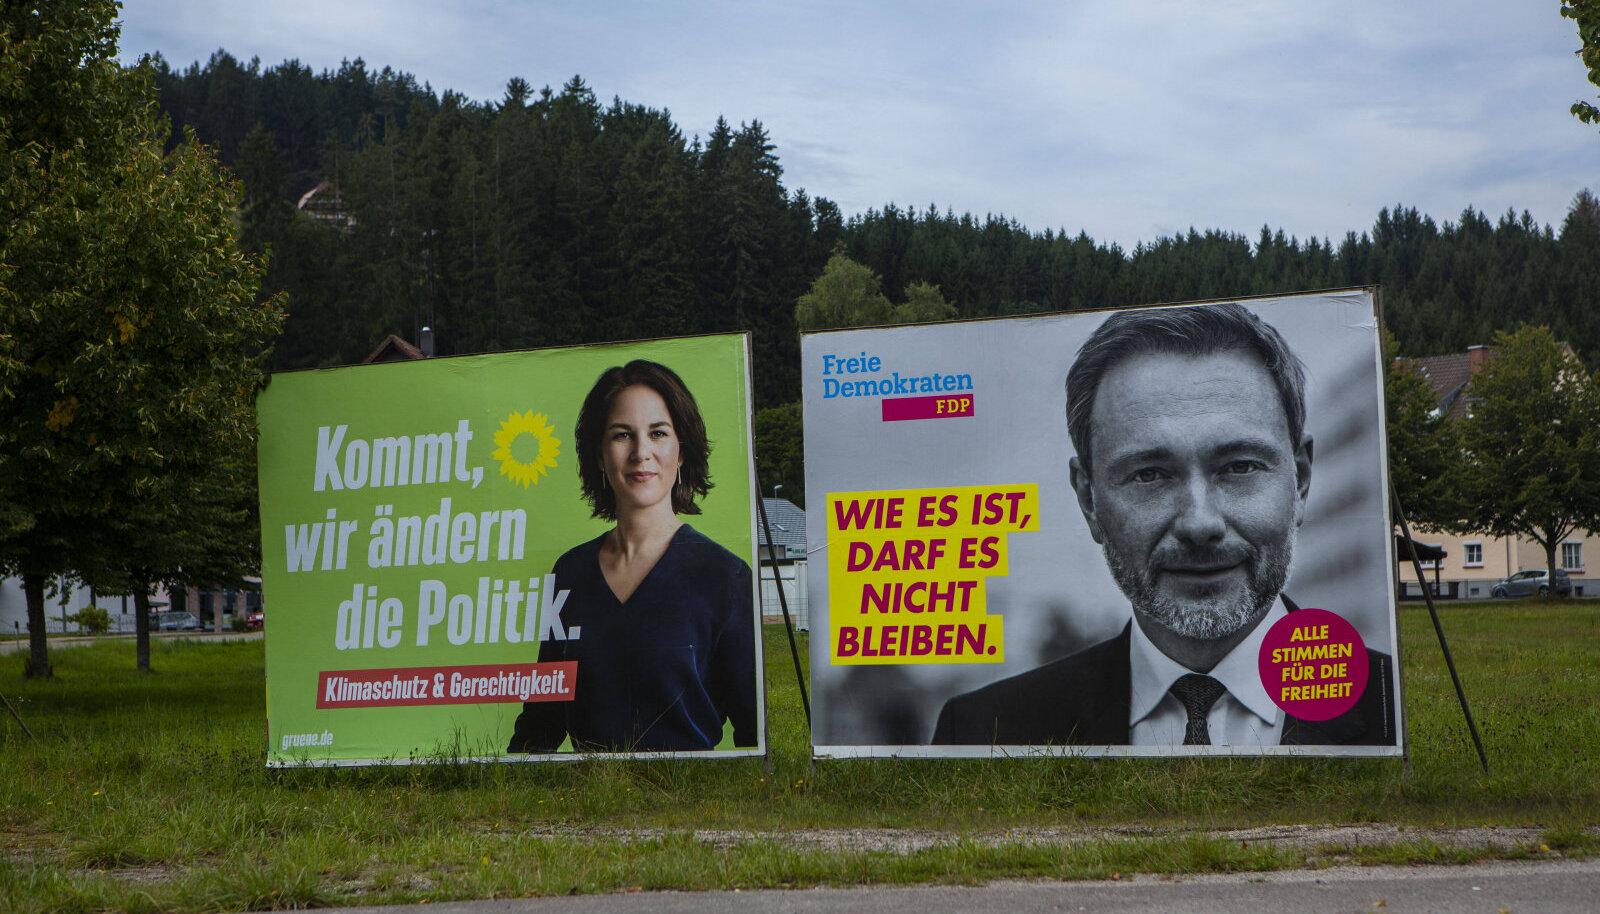 Kuni roheline Annalena Baerbock ja FDP juht Christian Lindner tülli ei pööra, on uue valitsuse võti nende käes.